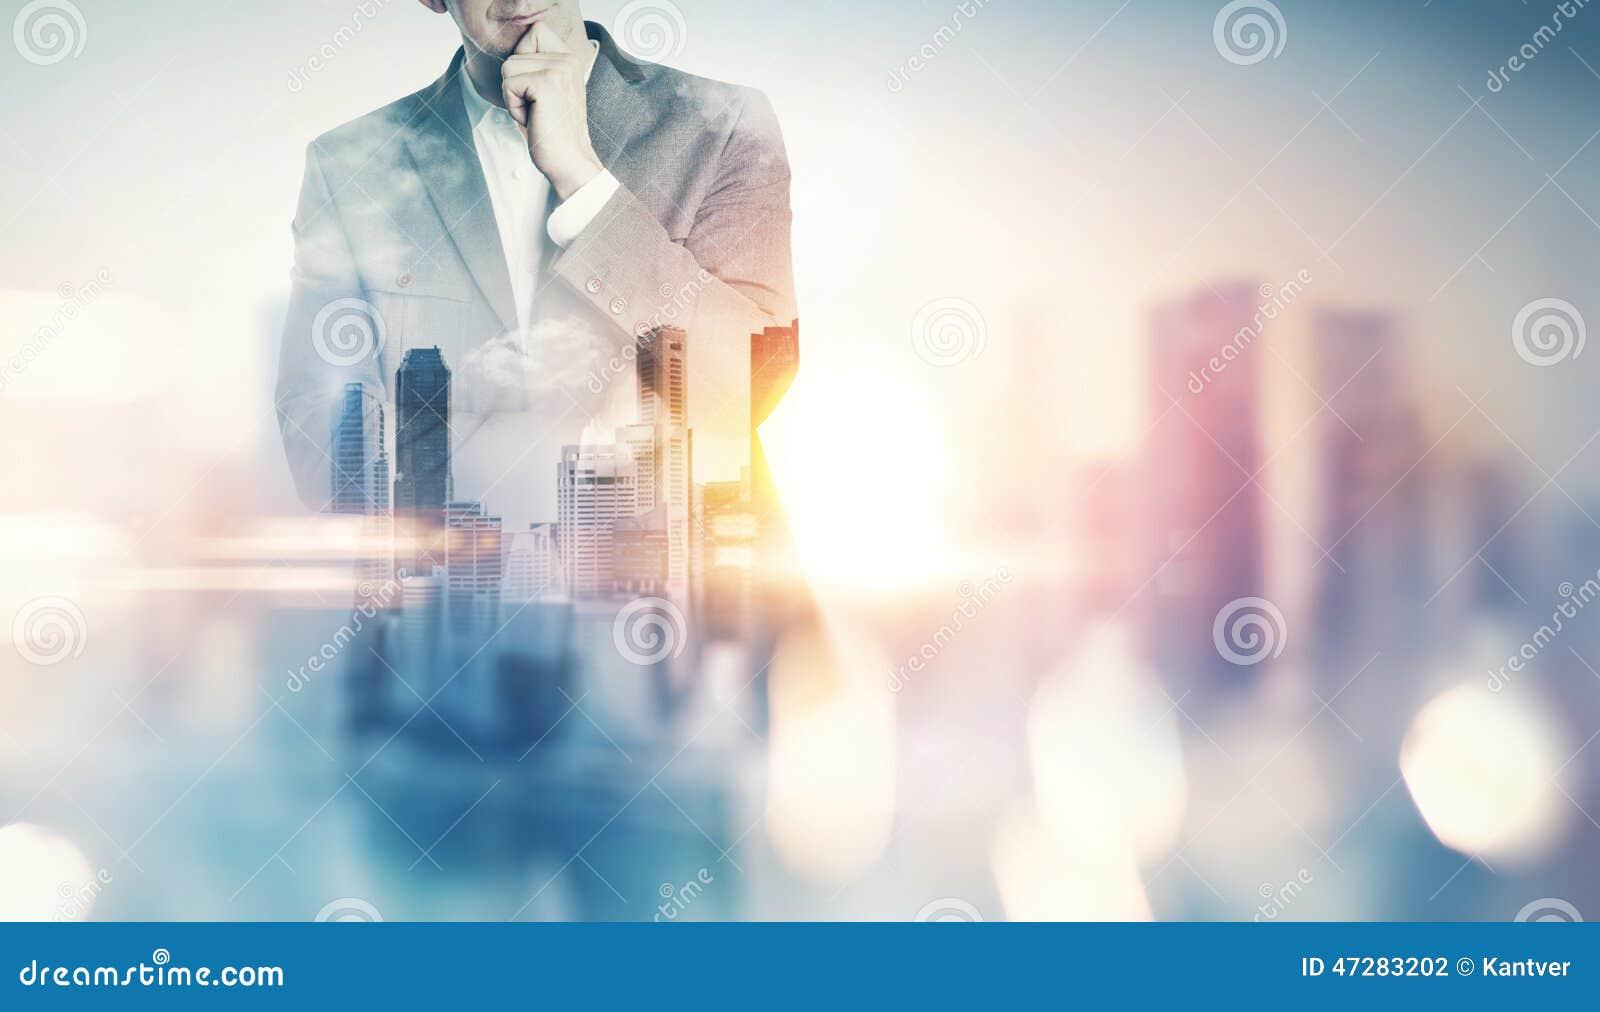 Exposición doble de la ciudad y del hombre de negocios con efectos luminosos